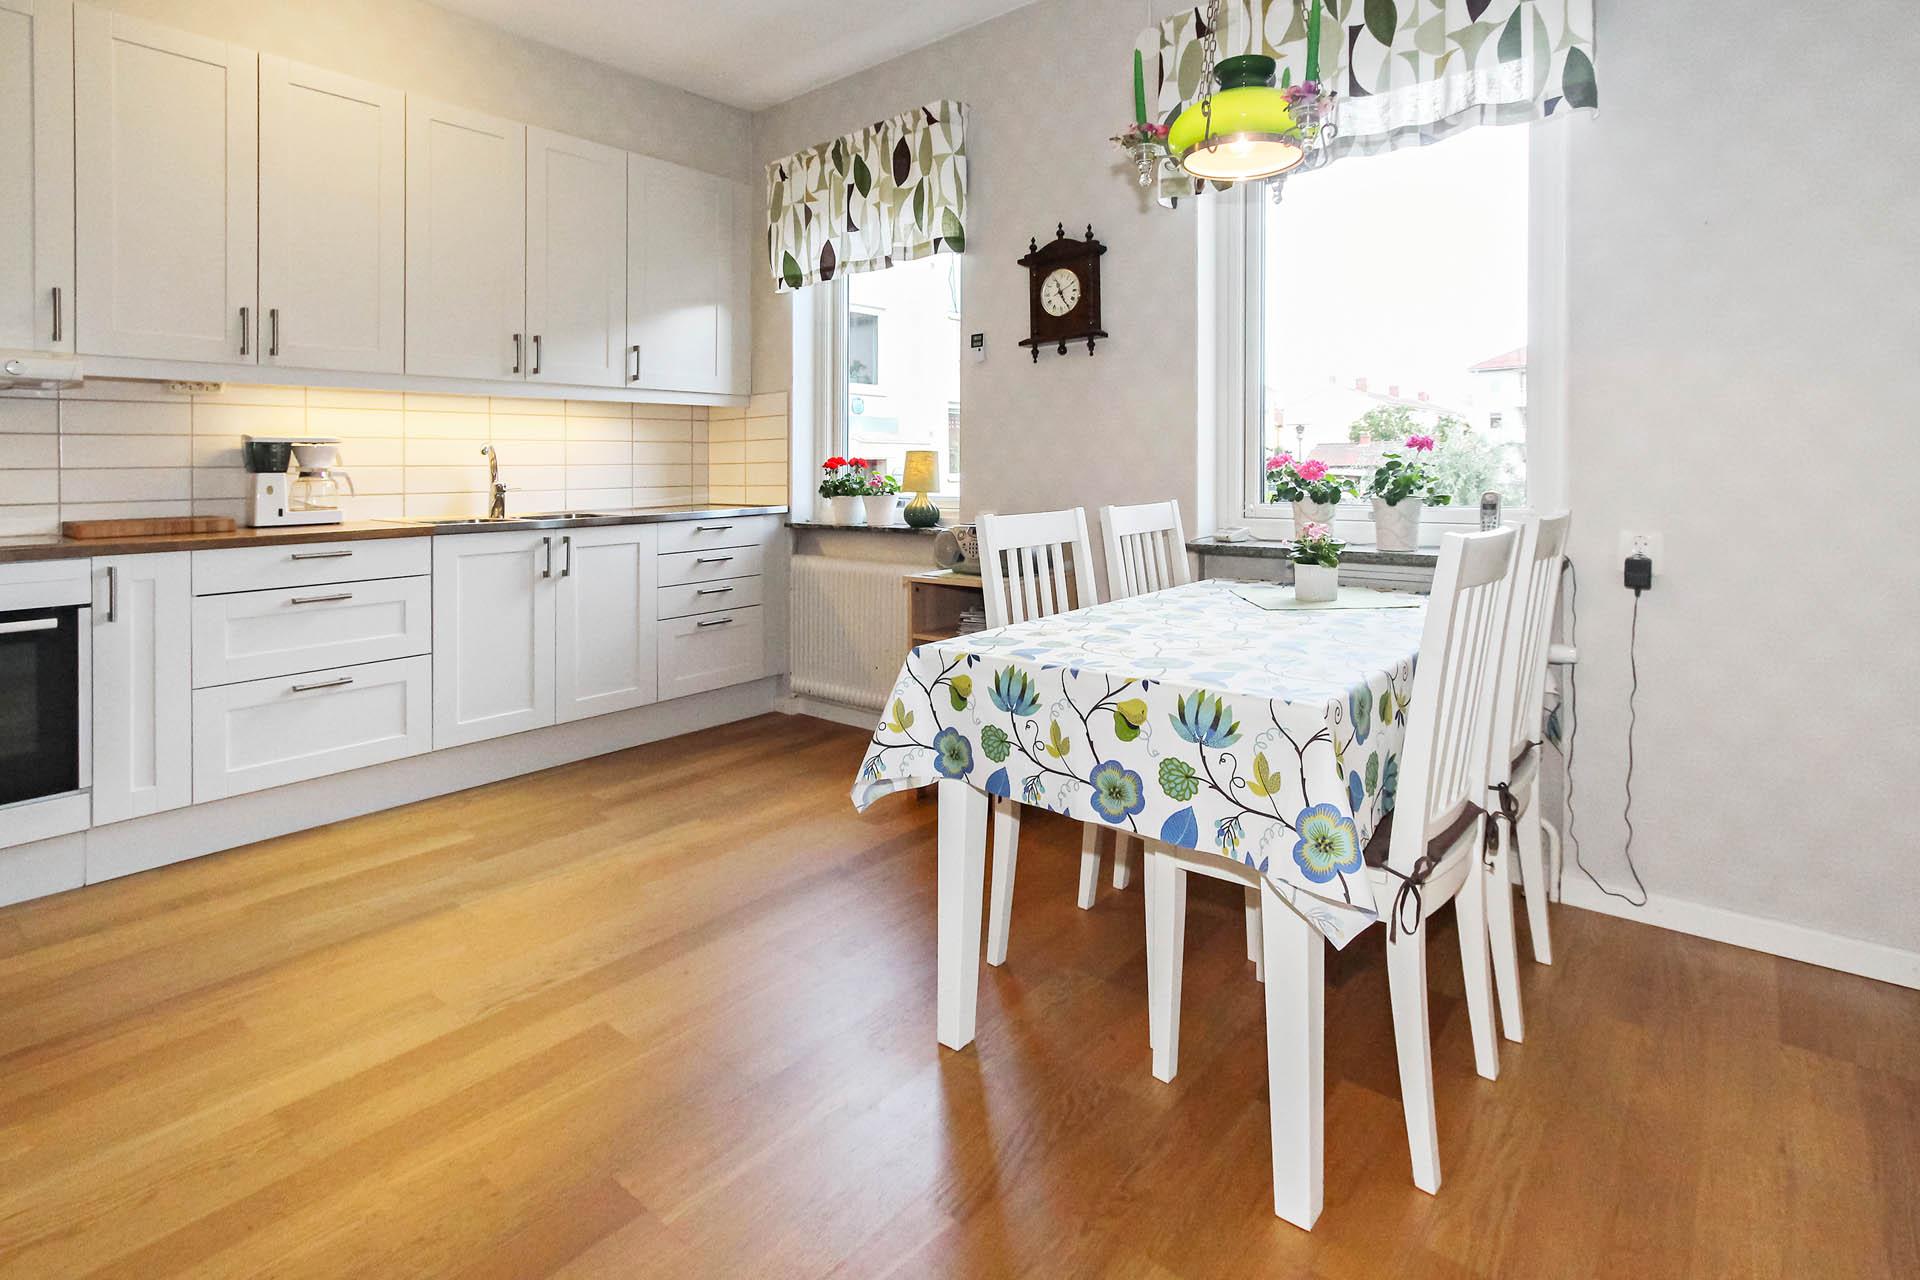 Rymligt kök med plats för matbord vid fönstret